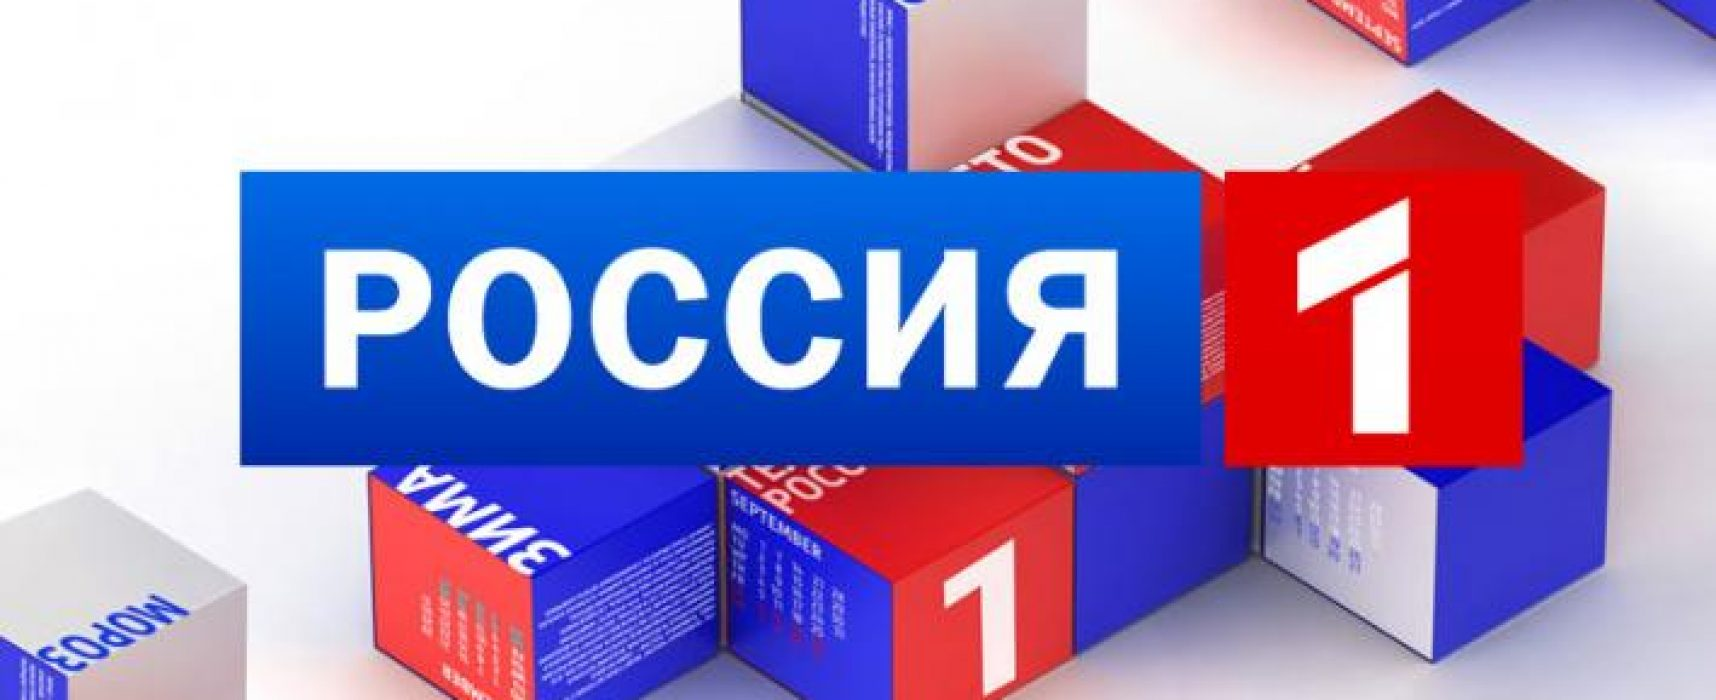 Смотреть онлайн всё тв россии 10 фотография